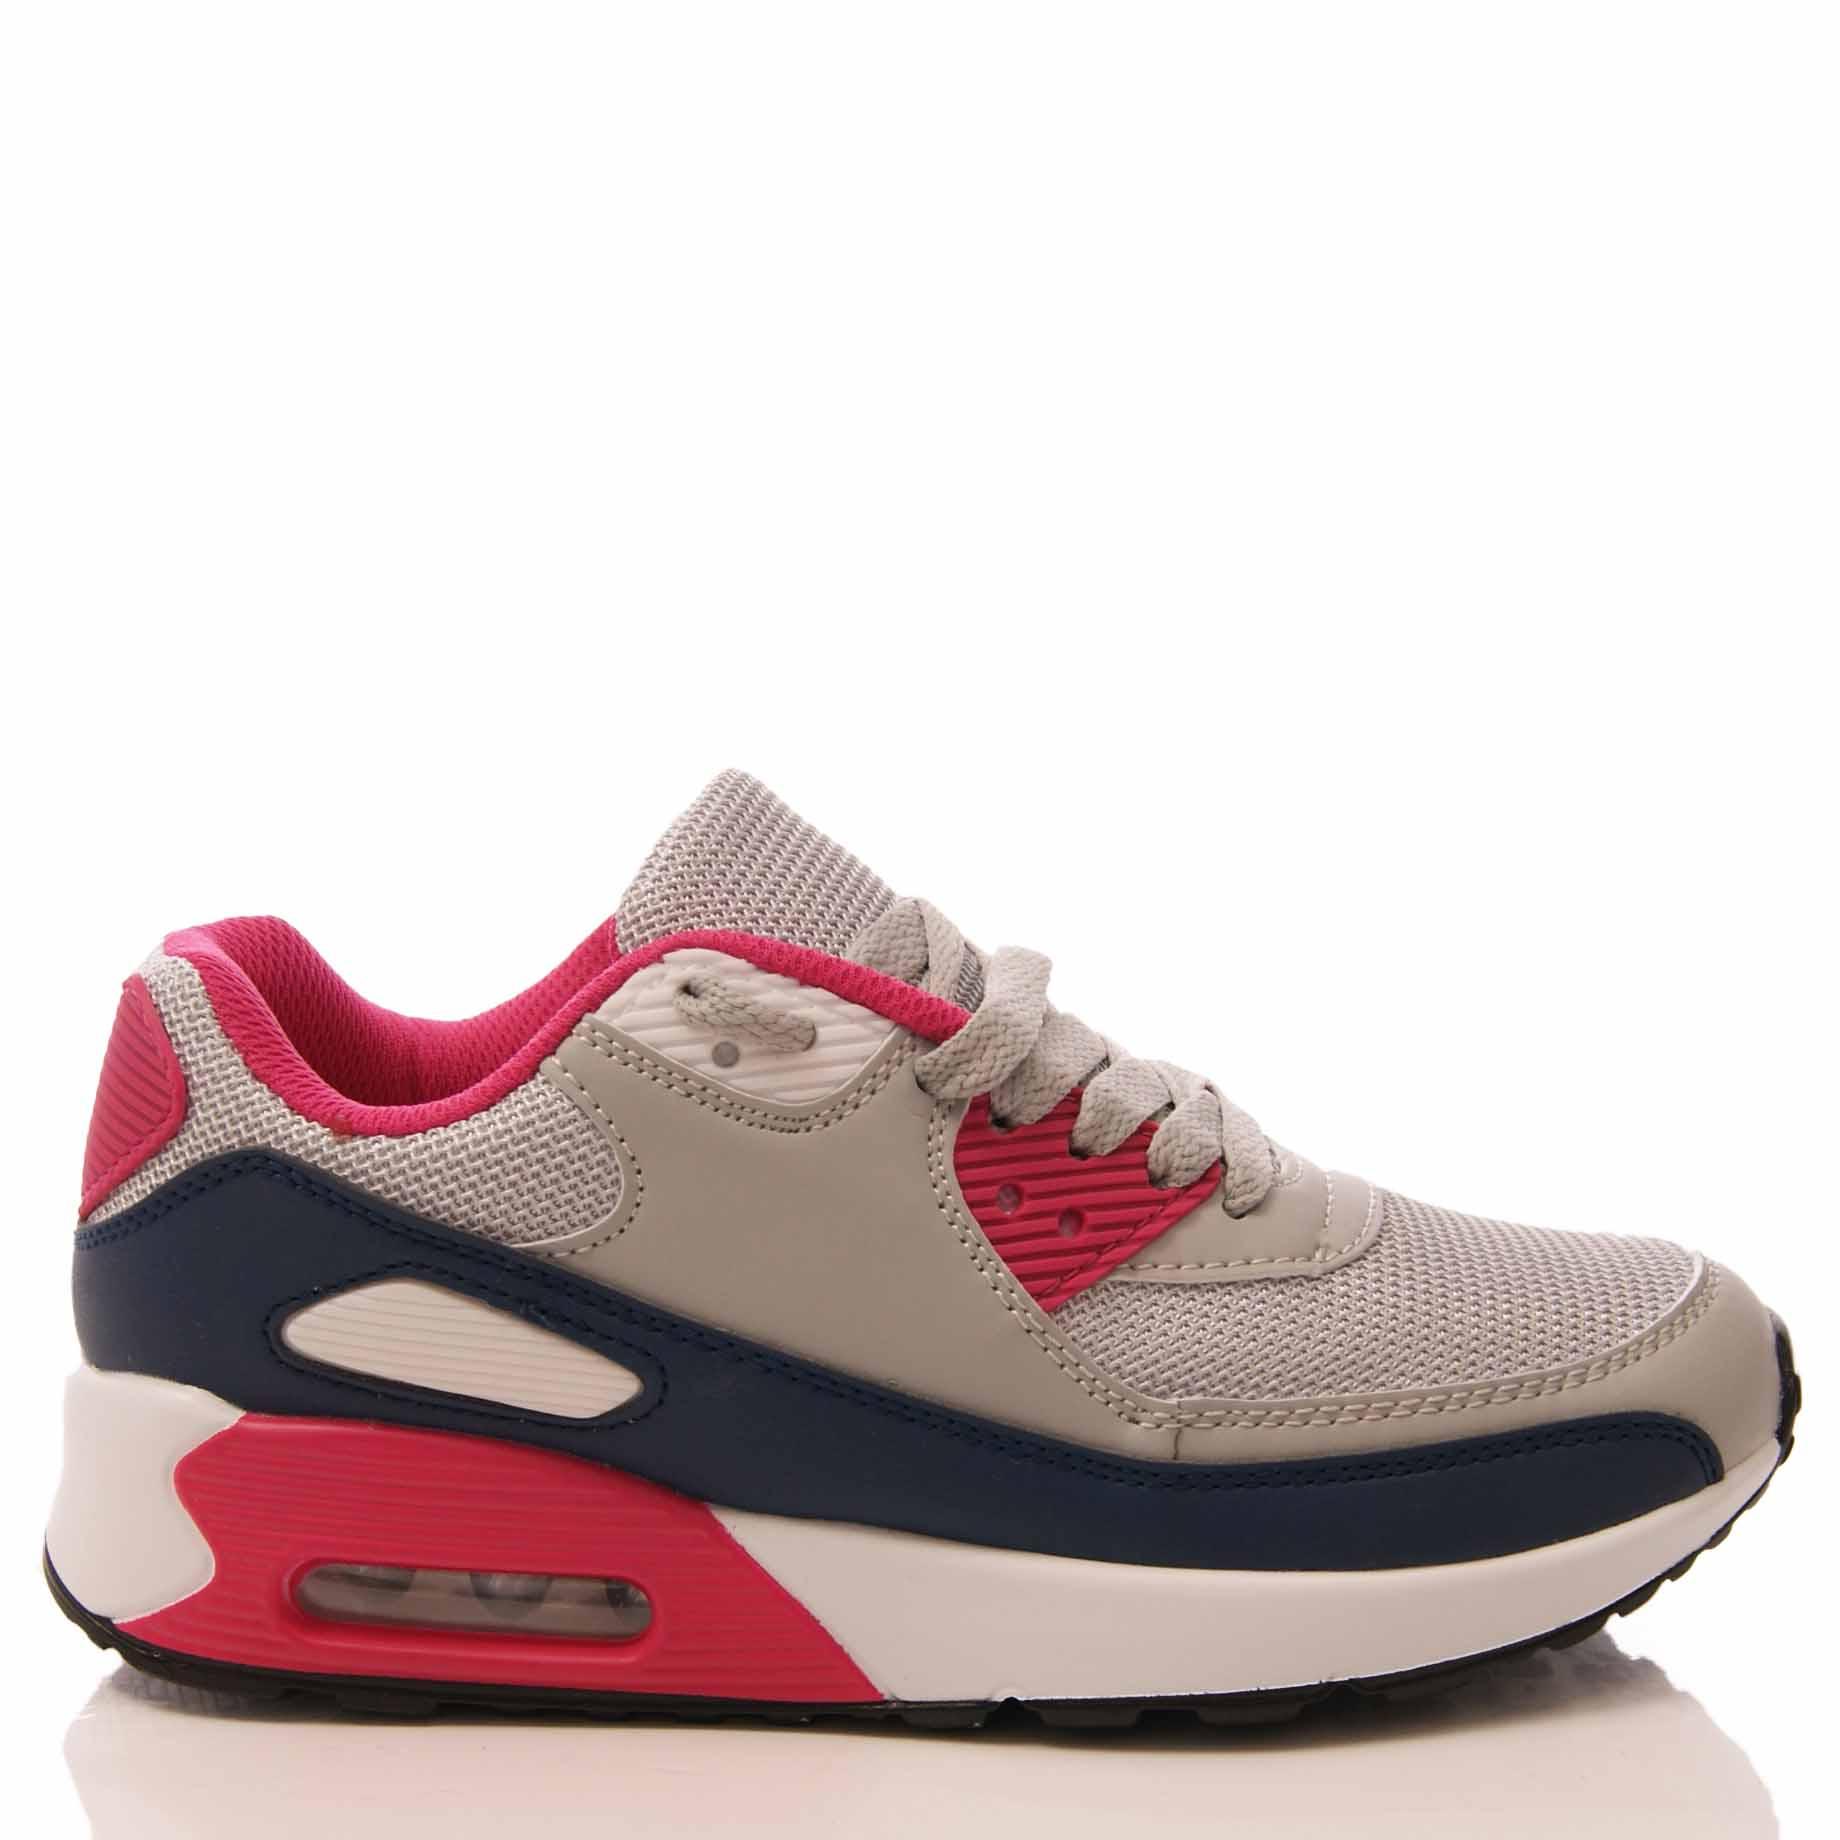 Femme Chaussures De Sport Salle De Fitness Chaussures De Course Mode Taille Jogging - Tout S2 Noir, Royaume-uni 7 / Eu 40 / Us 9/8 Aus